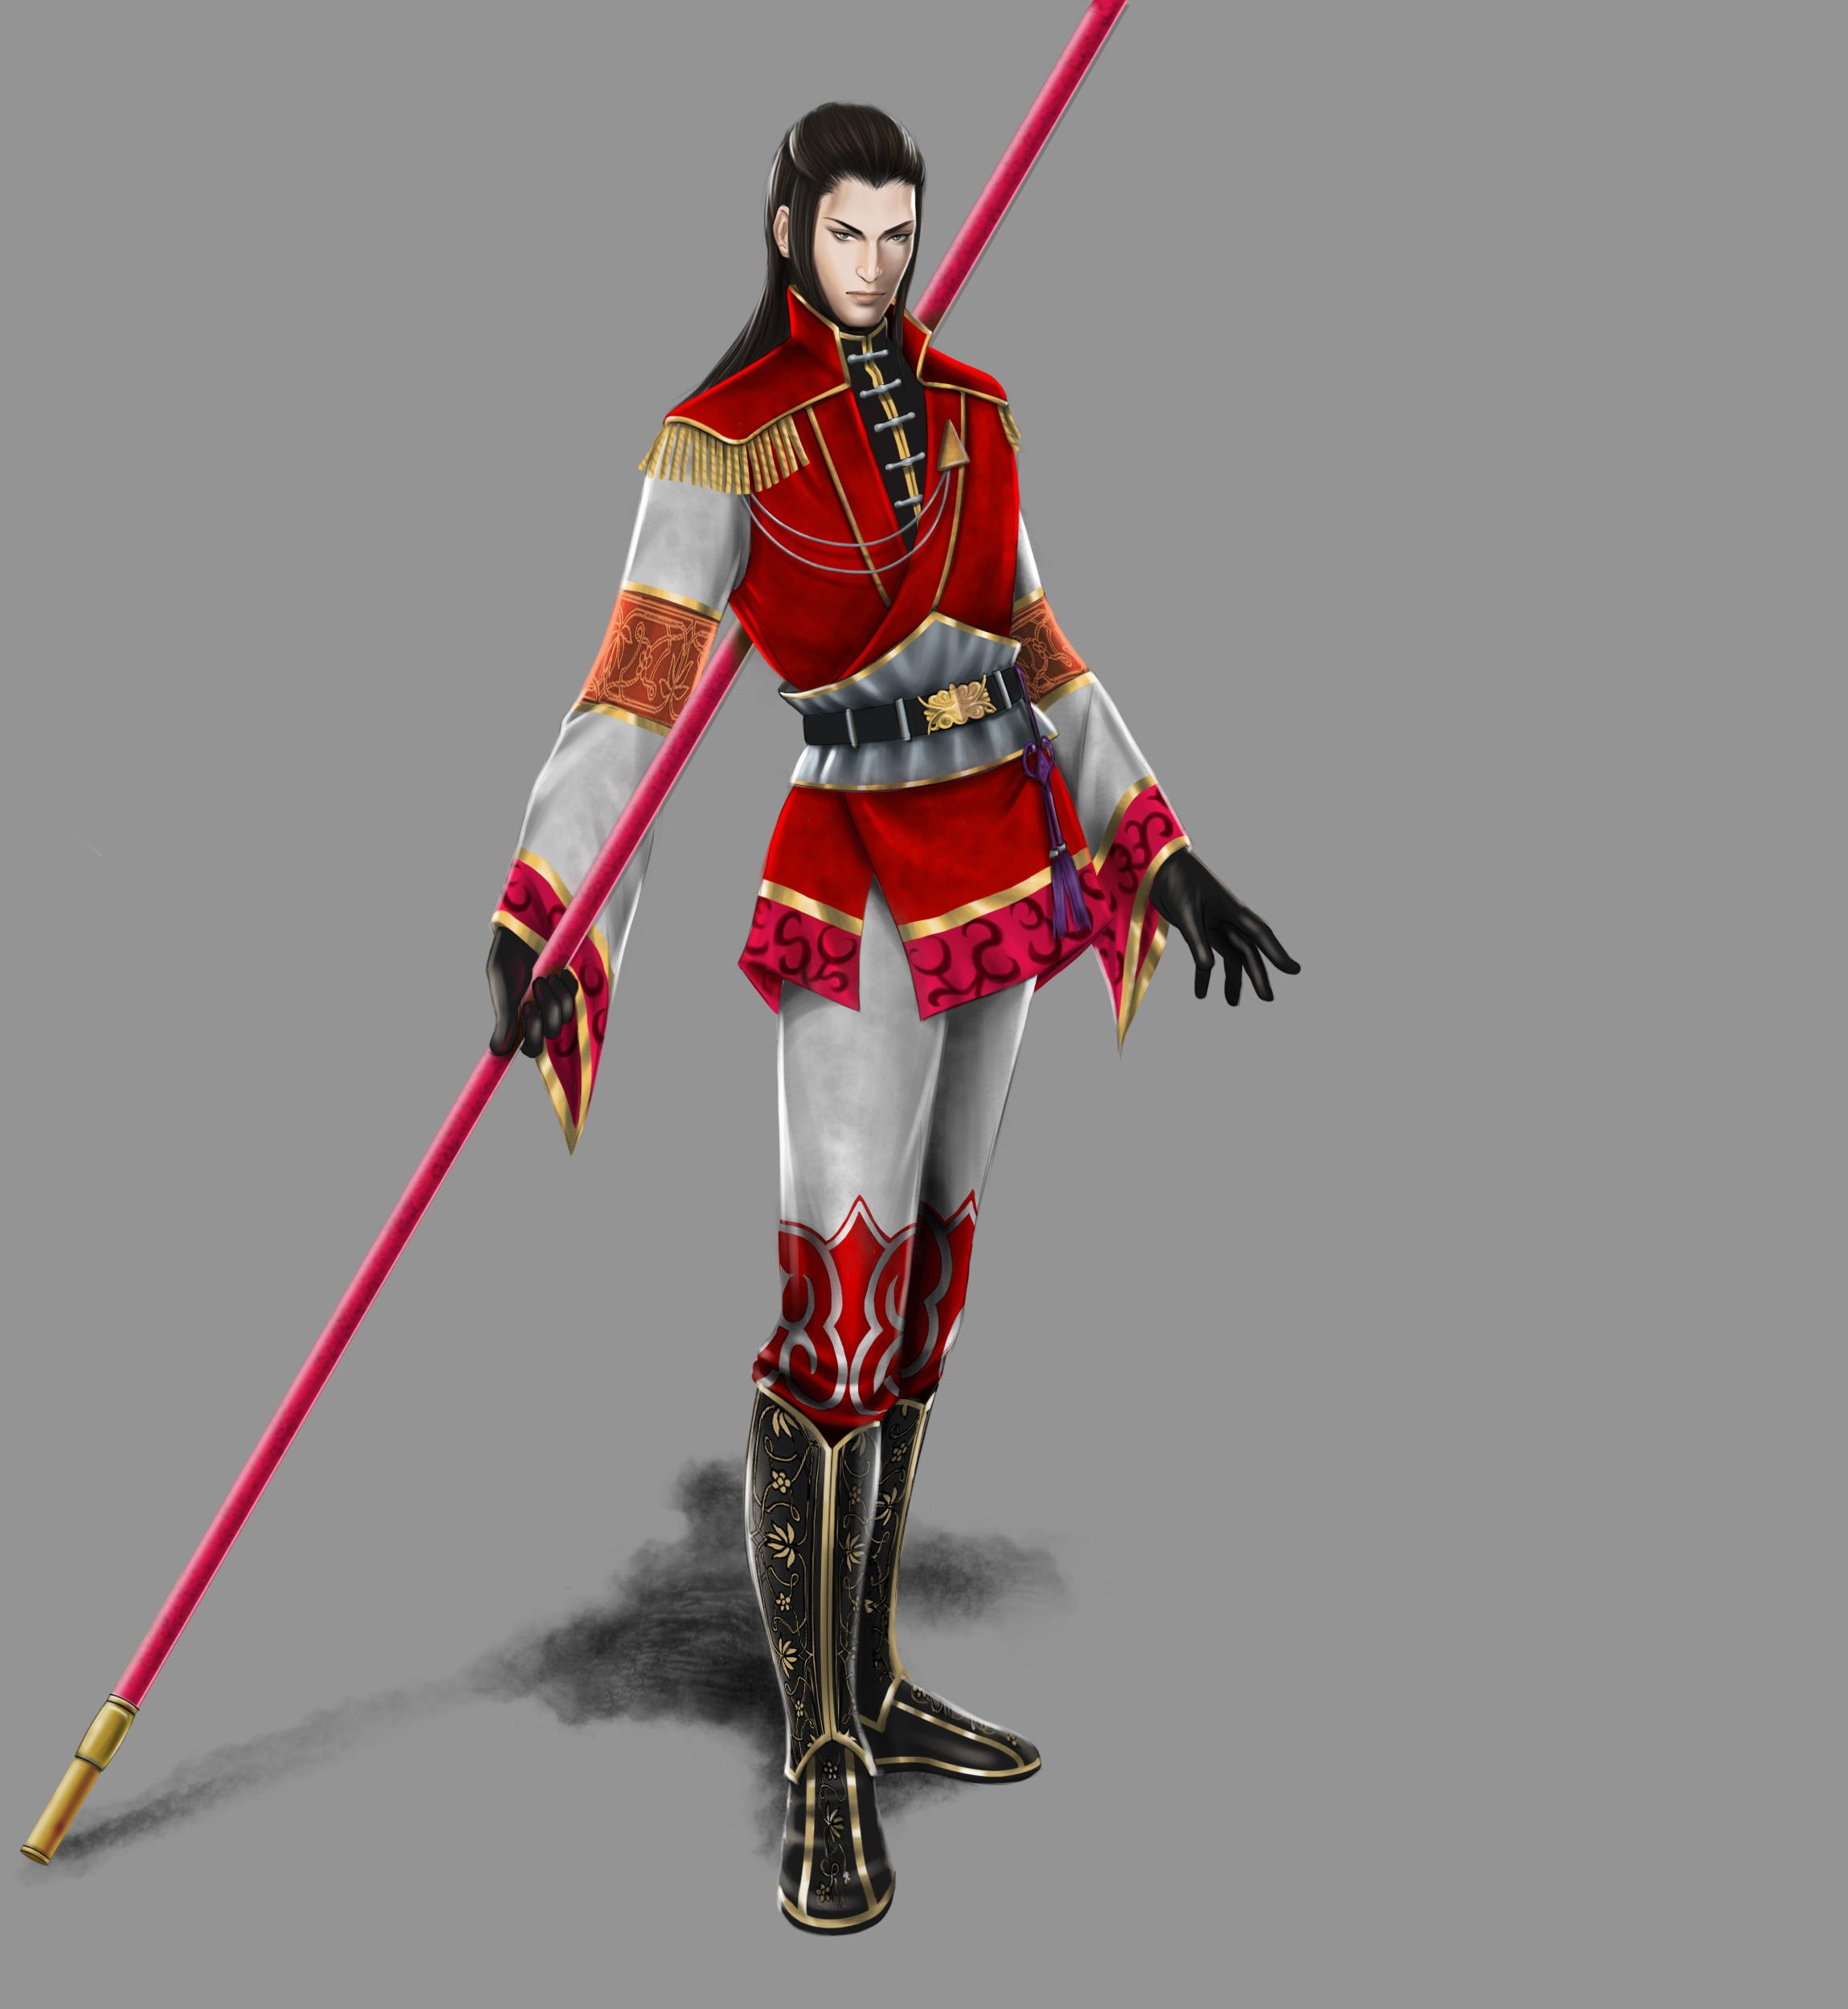 Drawn warrior zhou dynasty Thread Page com/Images/Dynasty 2011: My